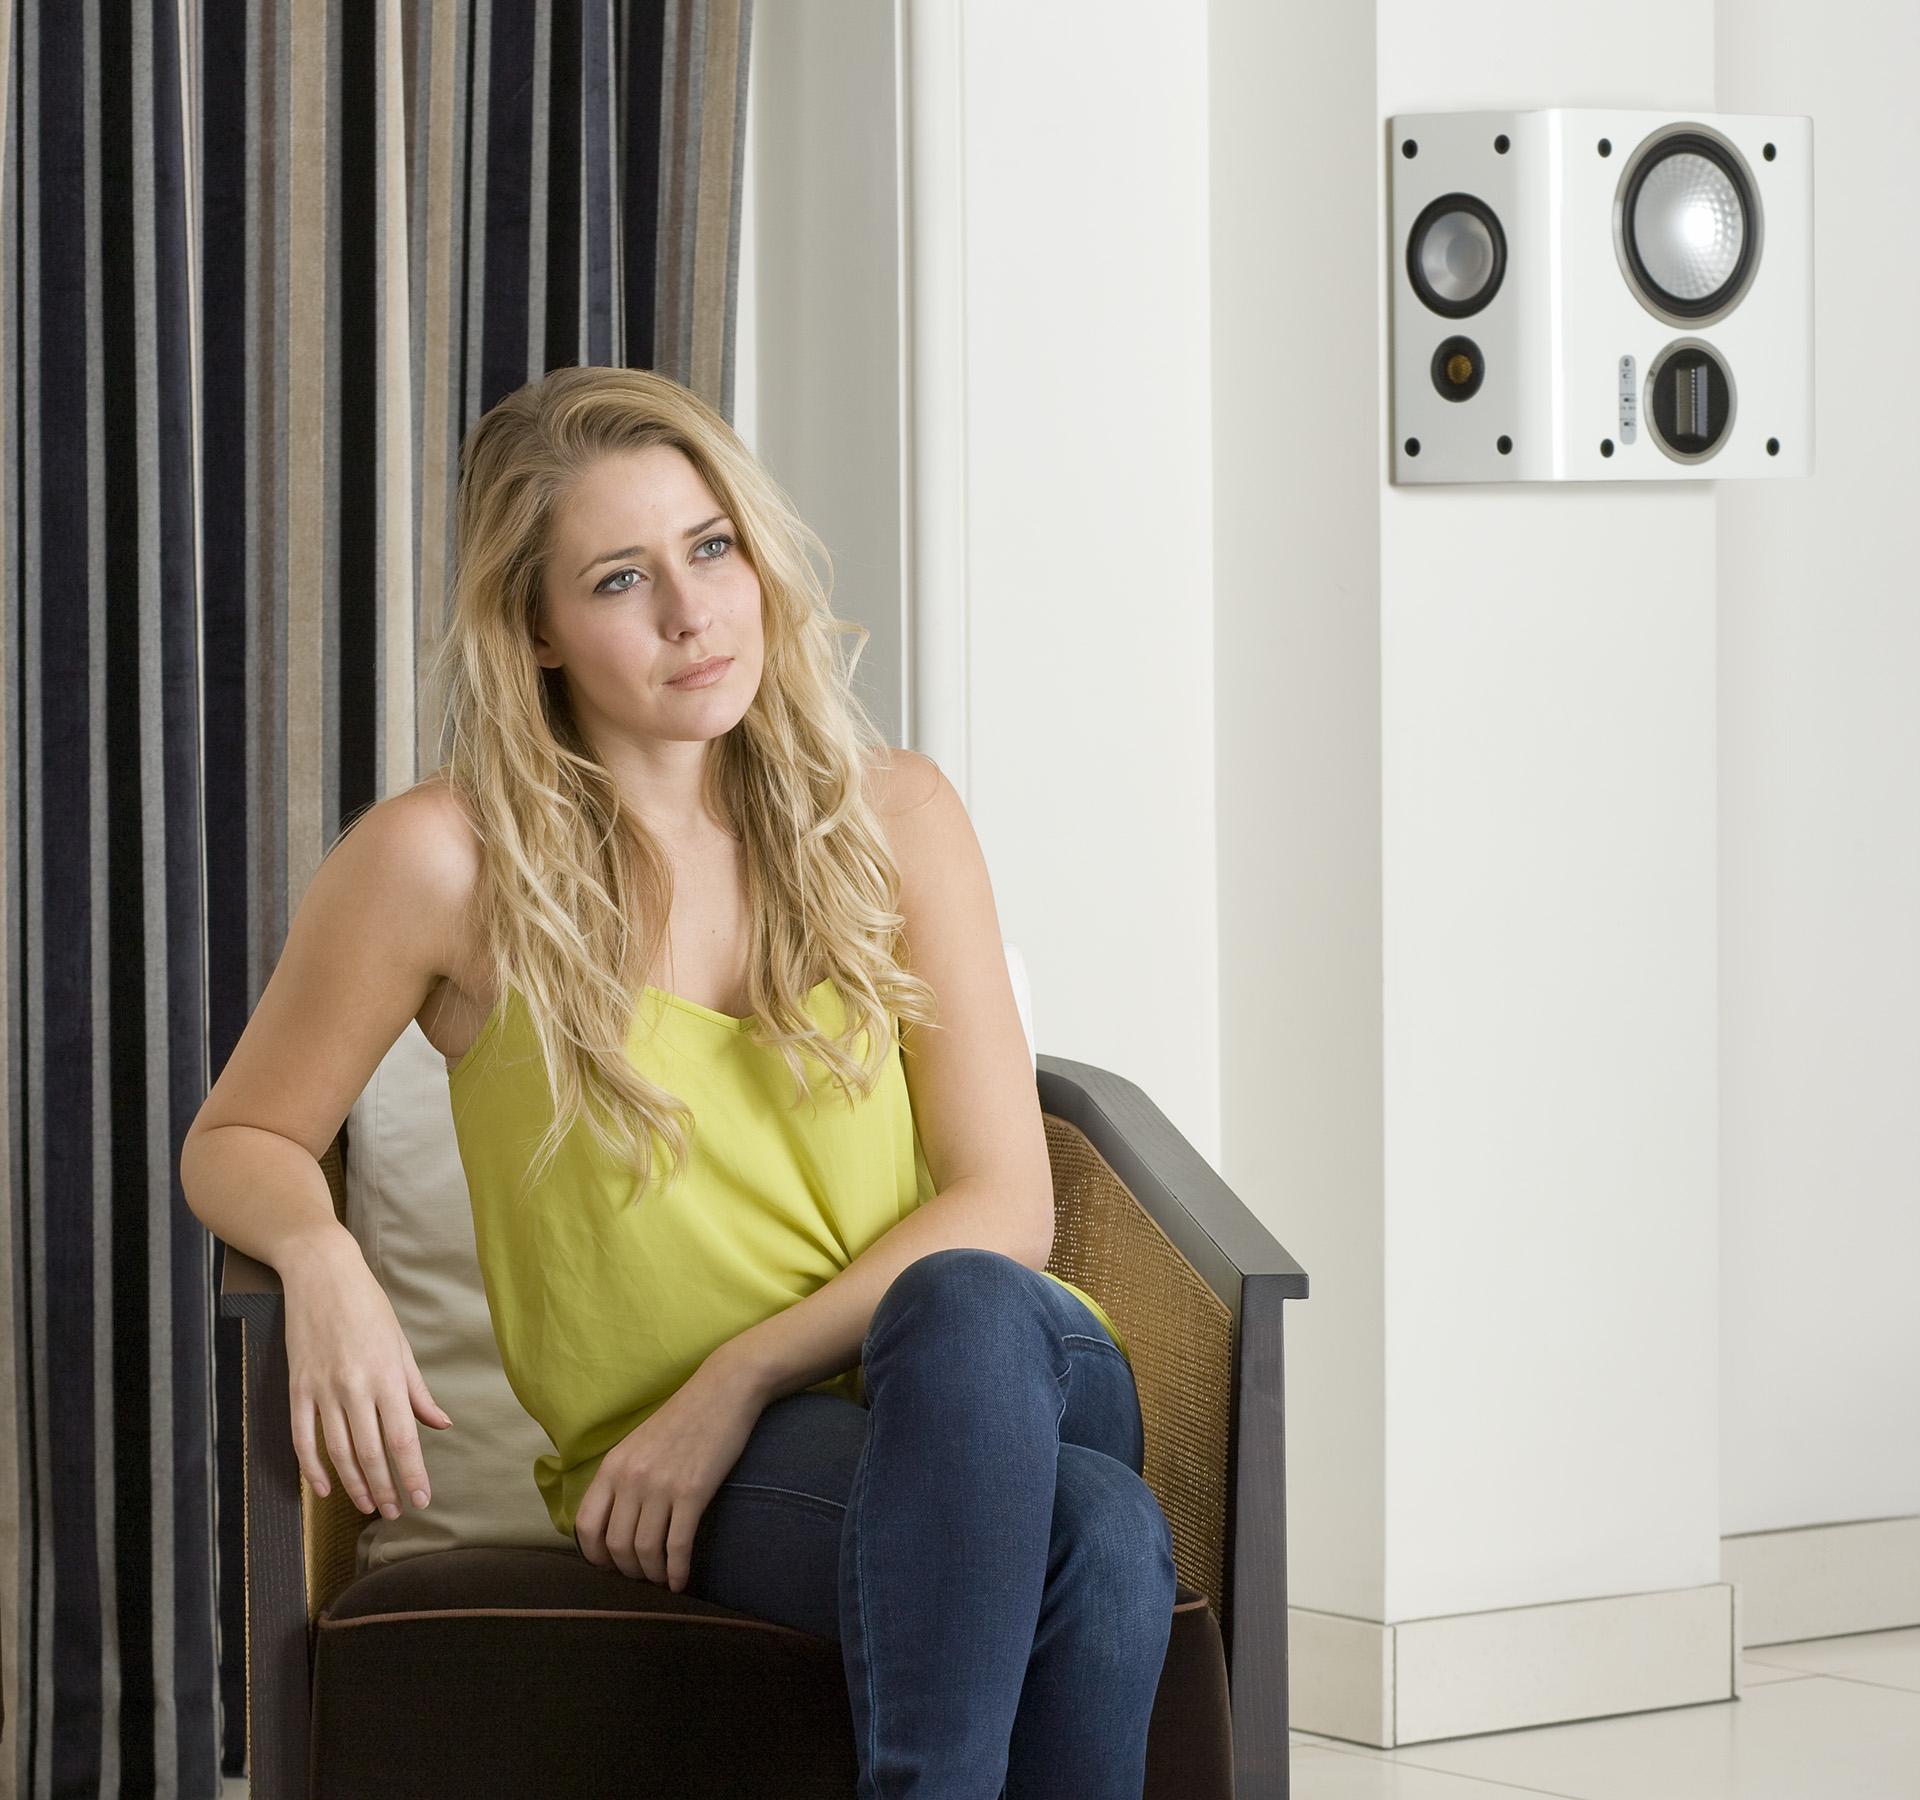 Разместить акустику пространственного звучания на стене – само собой разумеющееся решение